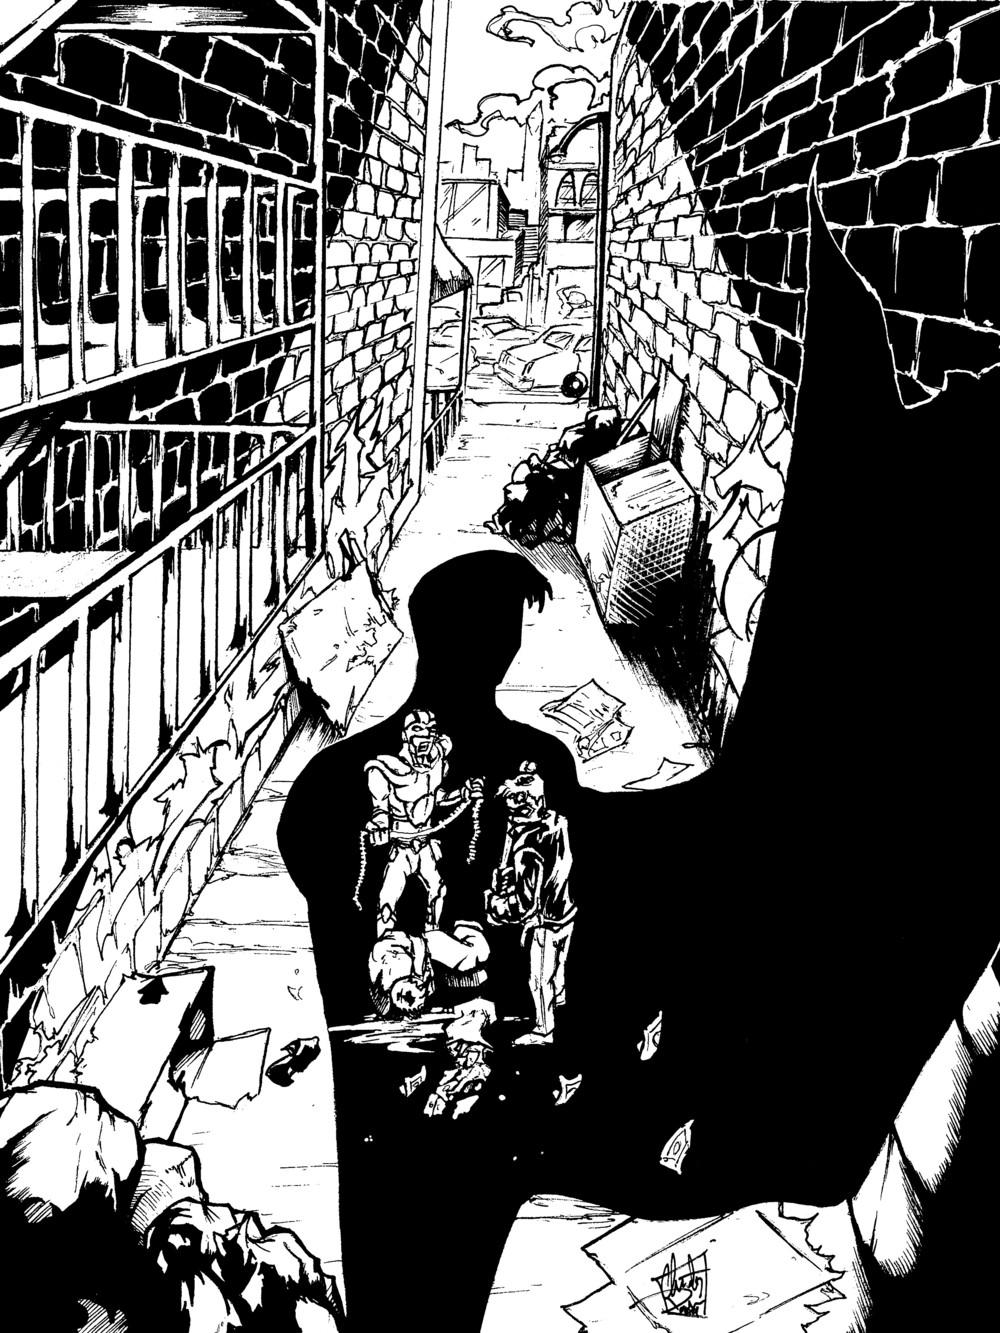 Vigilante Alley